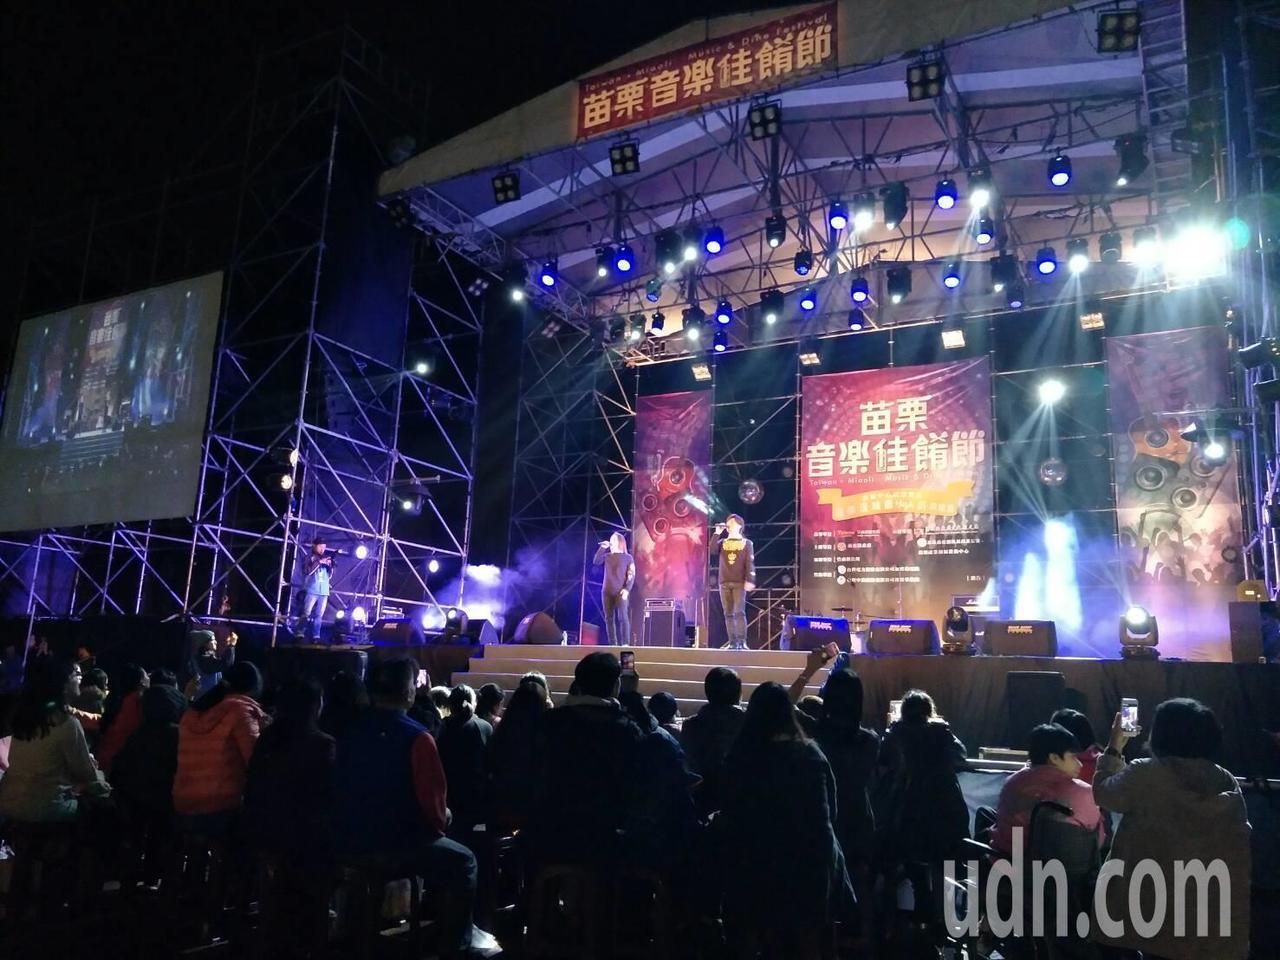 苗栗音樂佳餚節第二天的音樂會吸引人潮。記者胡蓬生/攝影